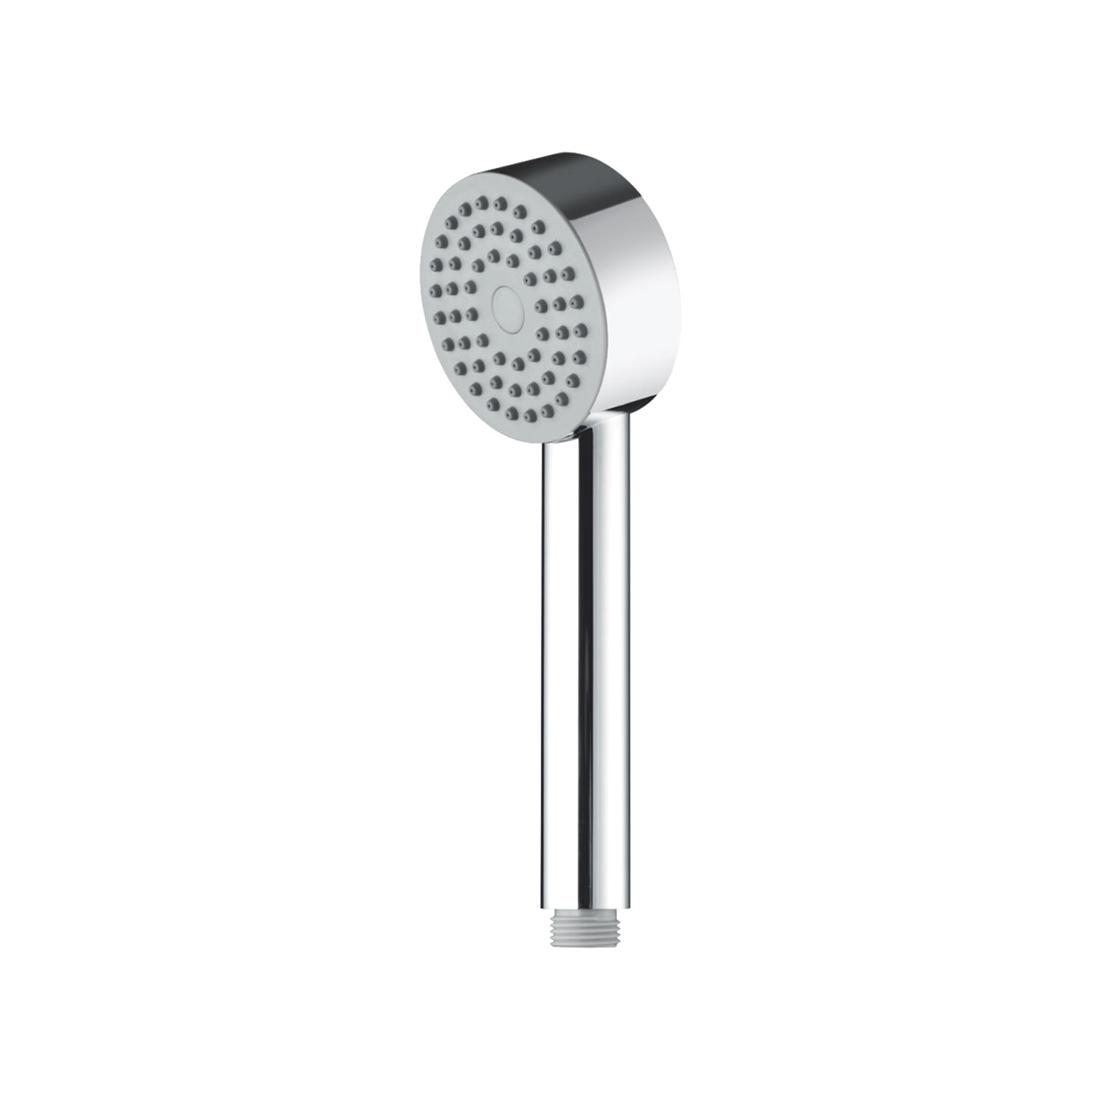 Kerovit KA510004 Single Function Handheld Shower With Hook